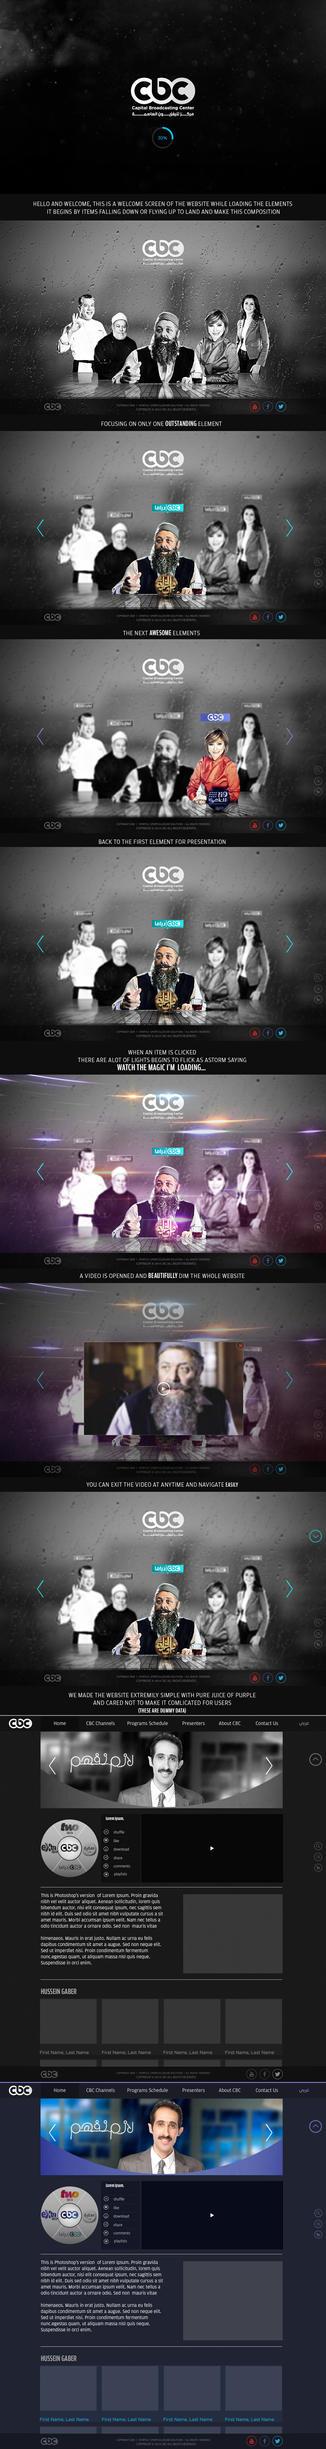 CBC-Website concept by HusseinGaber